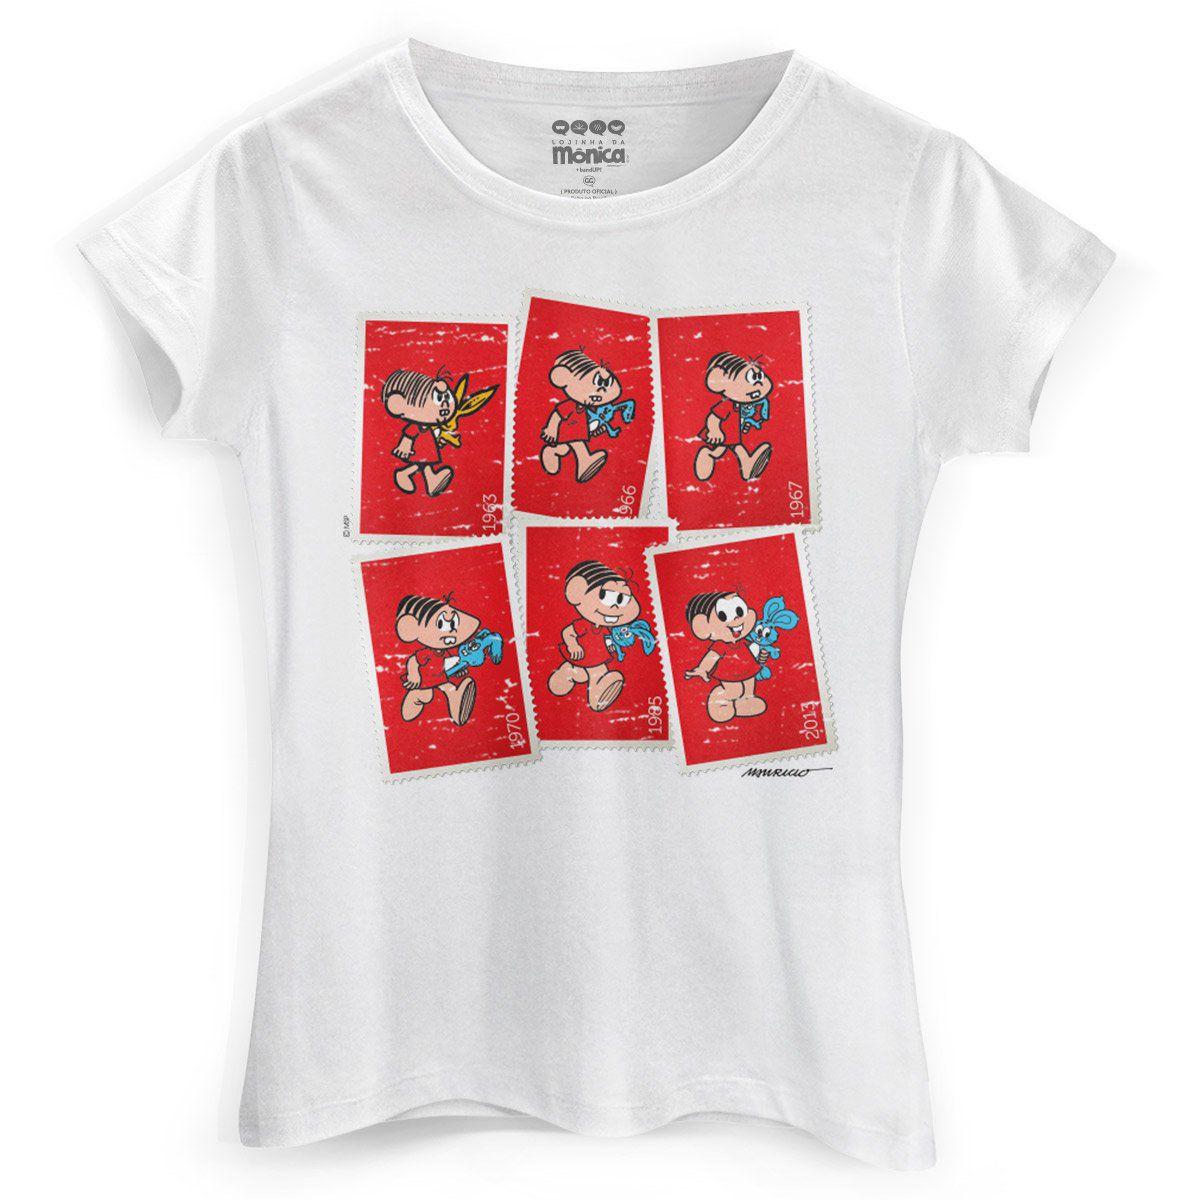 Camiseta Feminina Turma da Mônica 50 Anos Evolução Modelo 4